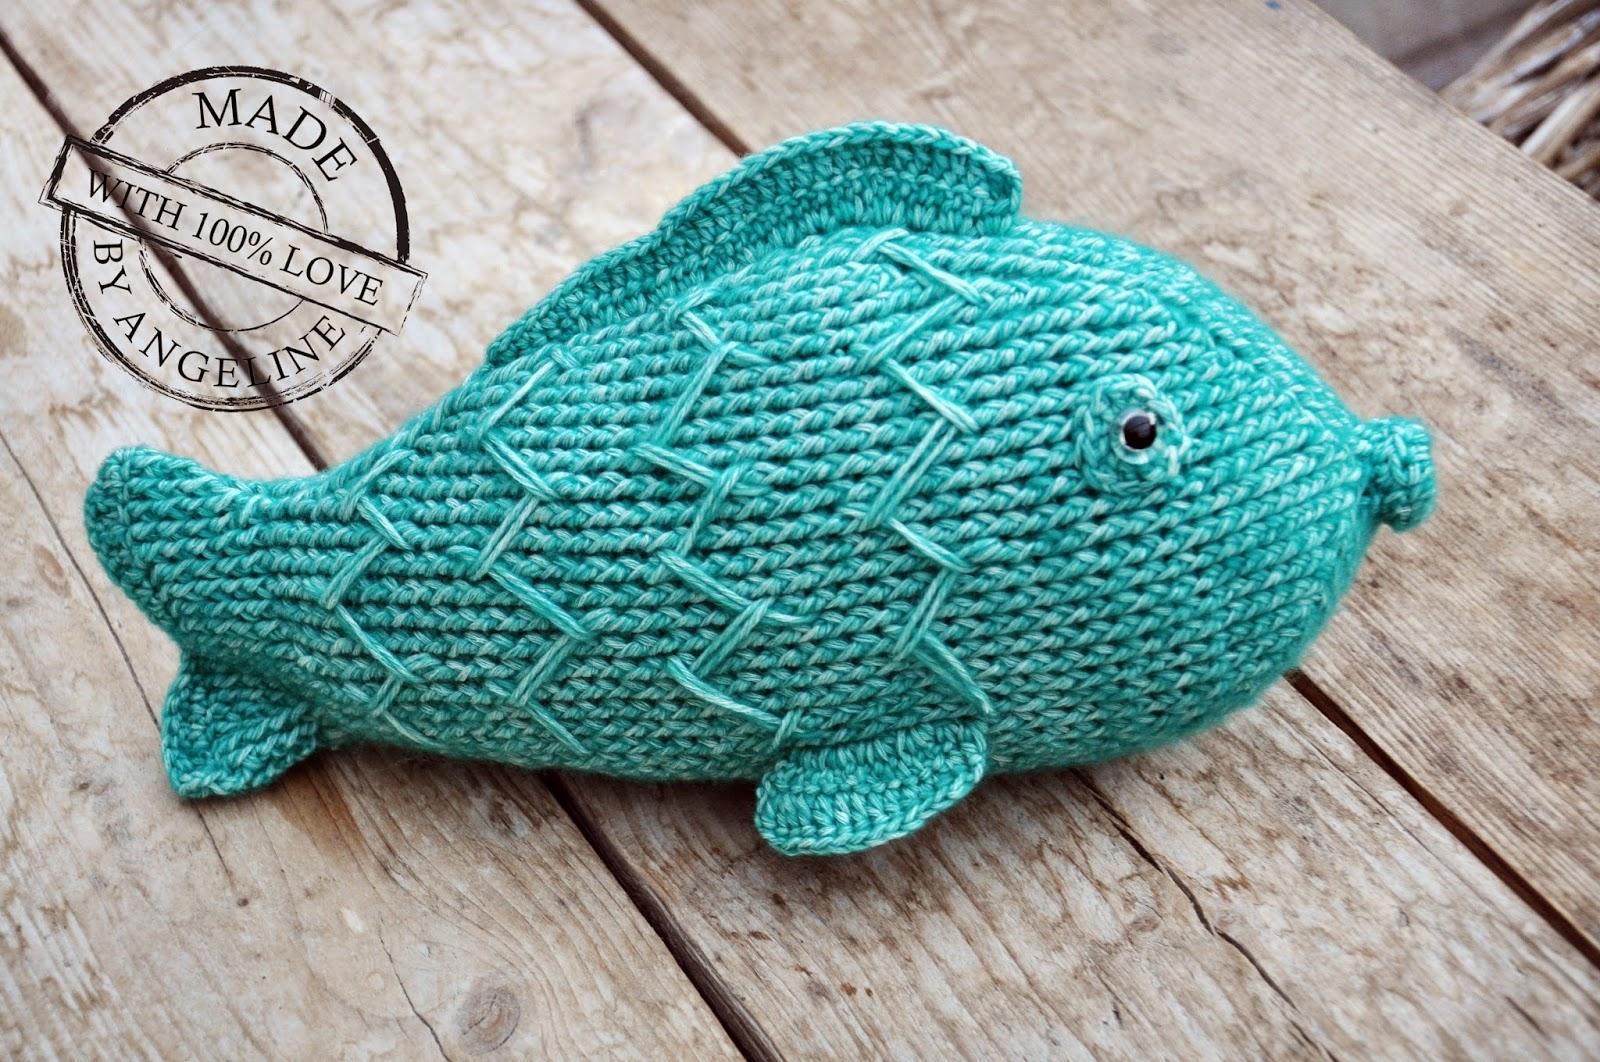 Mijn Eigen Plekkie De Mooiste Vis Van De Zee